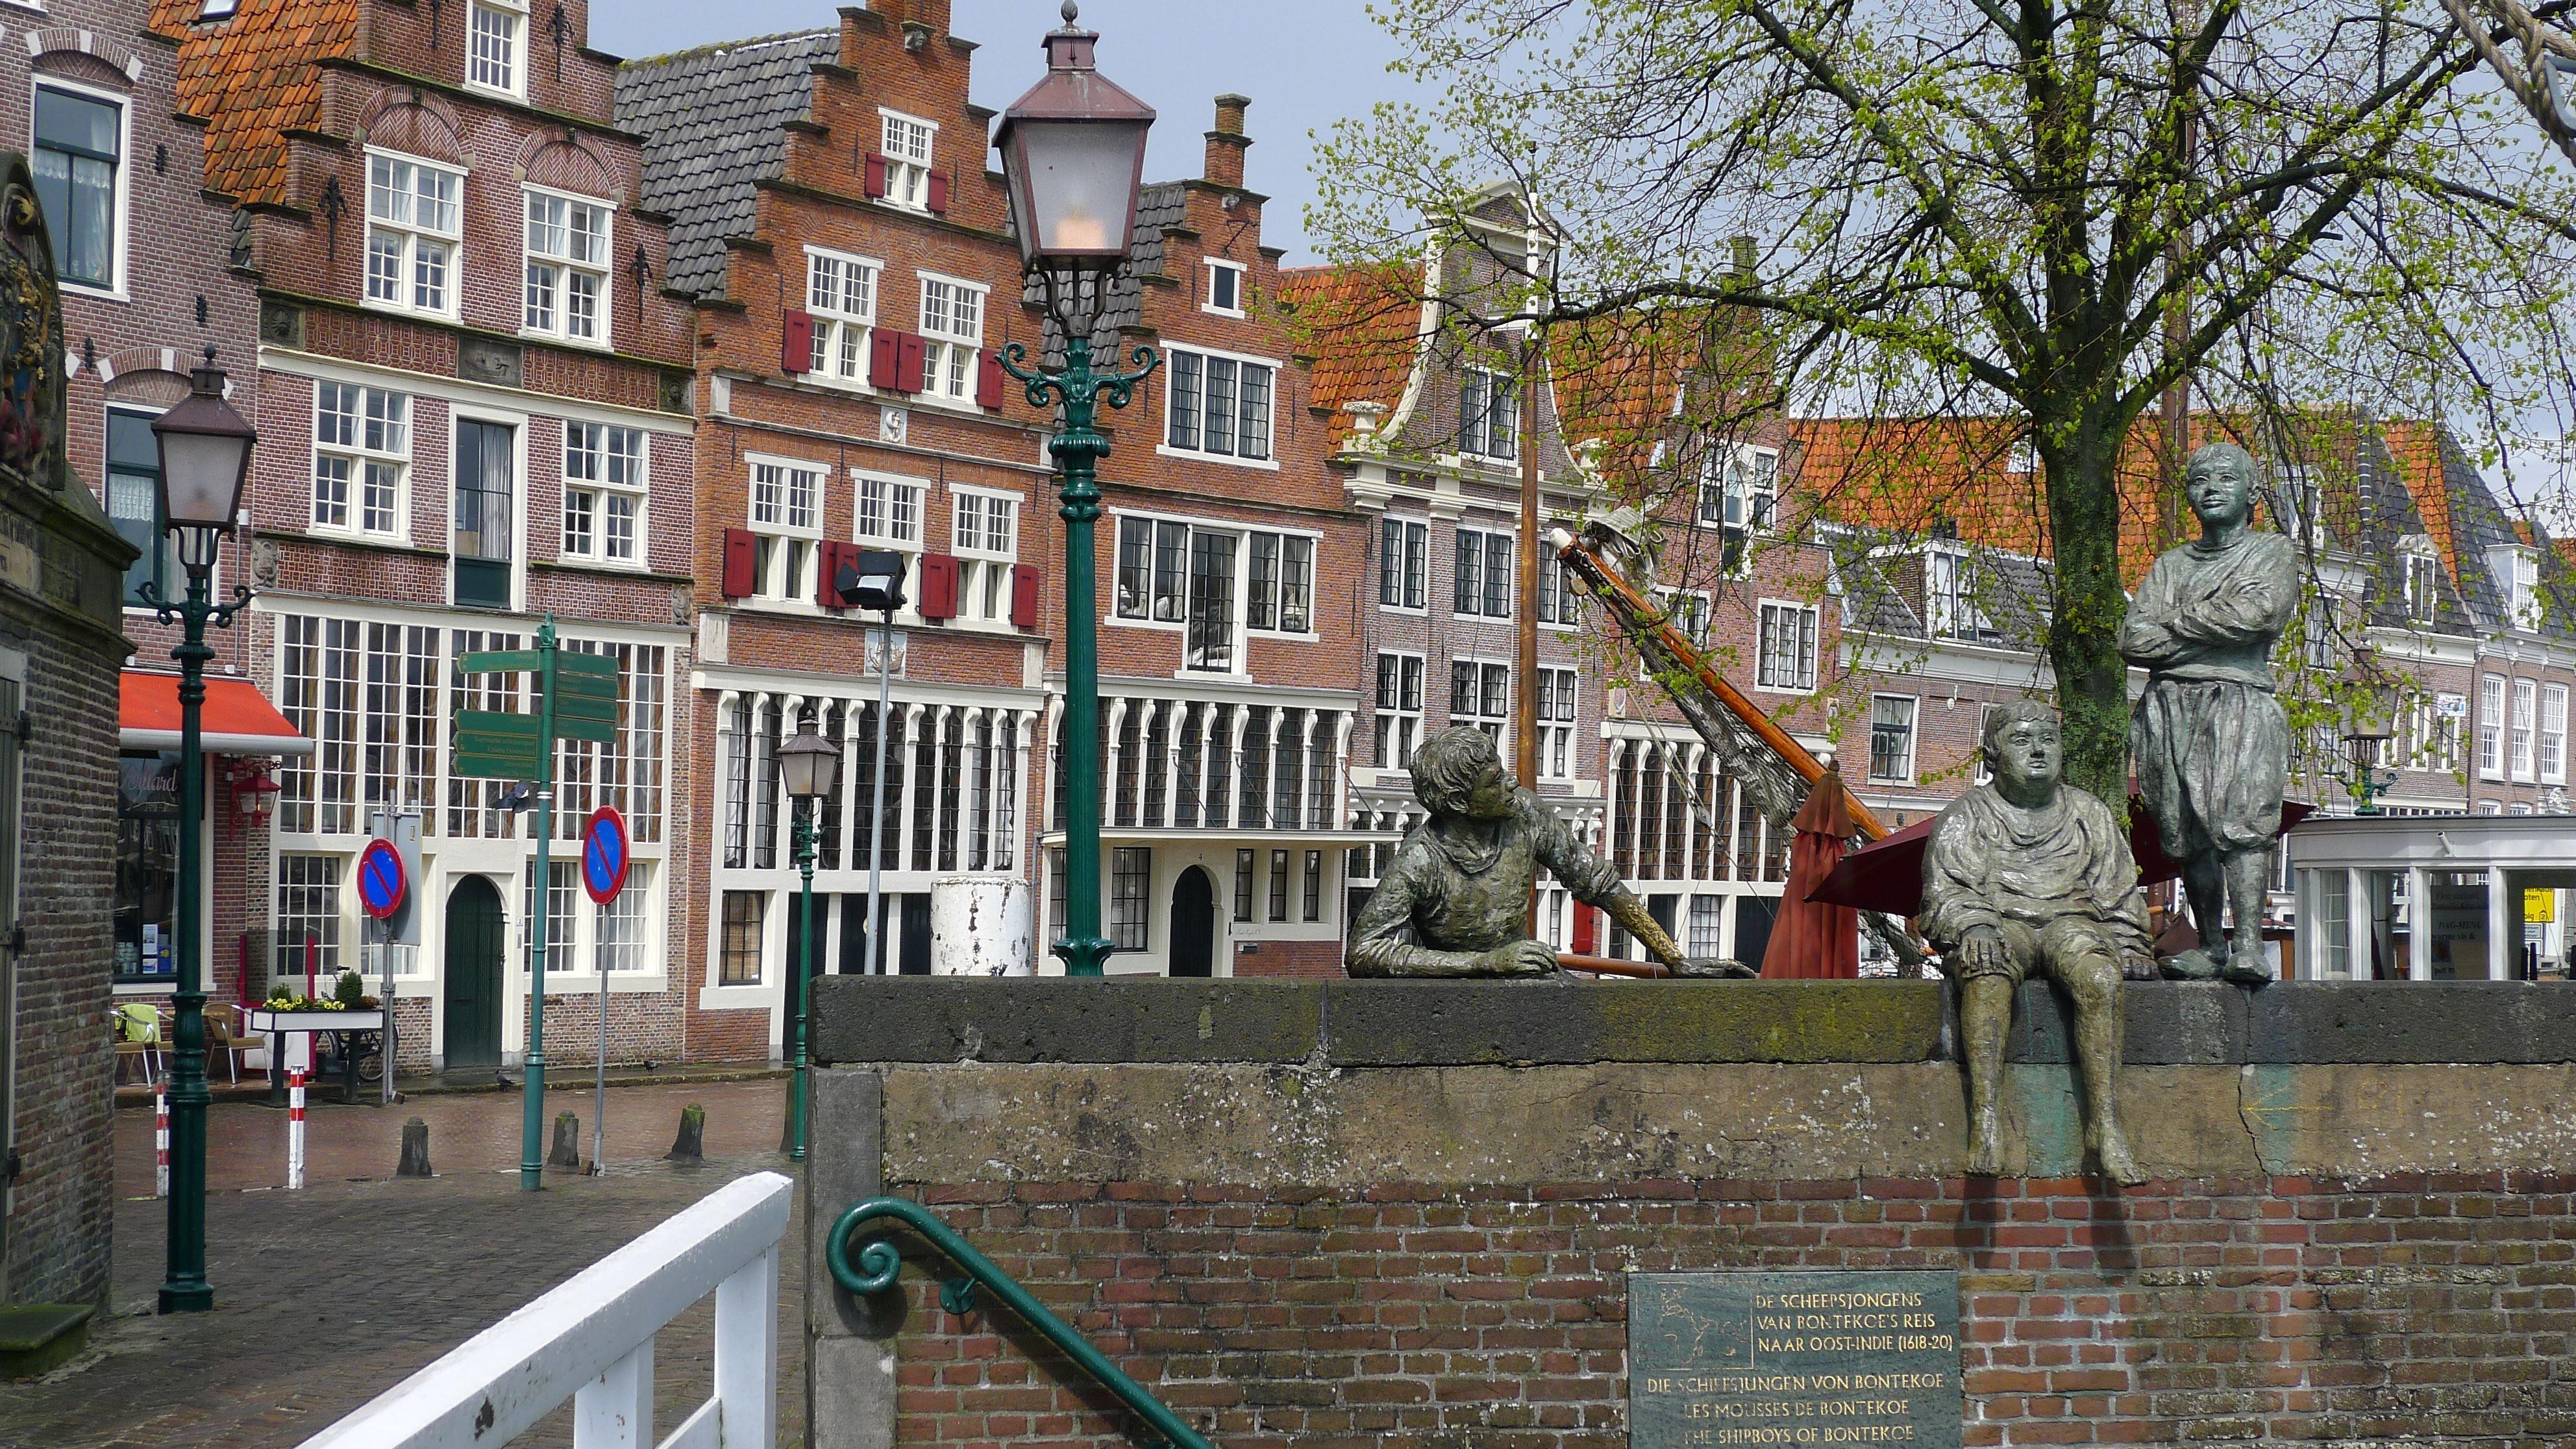 De scheepsjongens van Bontekoe in Hoorn, the Netherlands